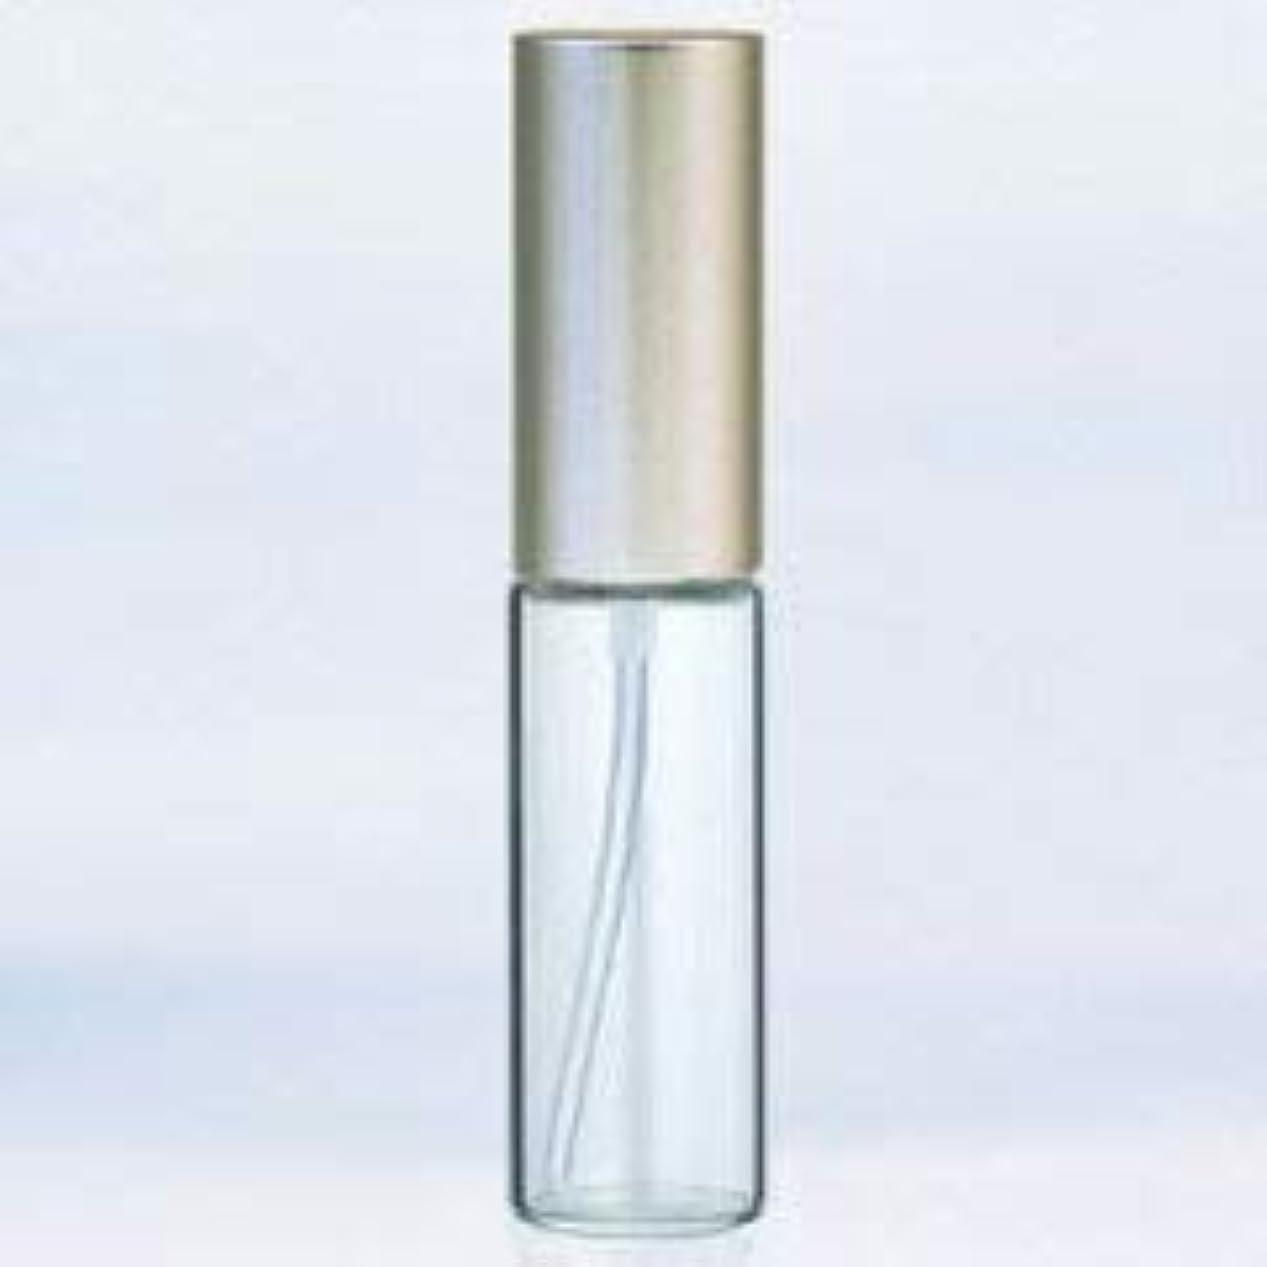 病的鑑定逆に【ヤマダアトマイザー】グラスアトマイザー プラスチックポンプ 無地 アルミキャップ シルバーつや消し 10ml 6204